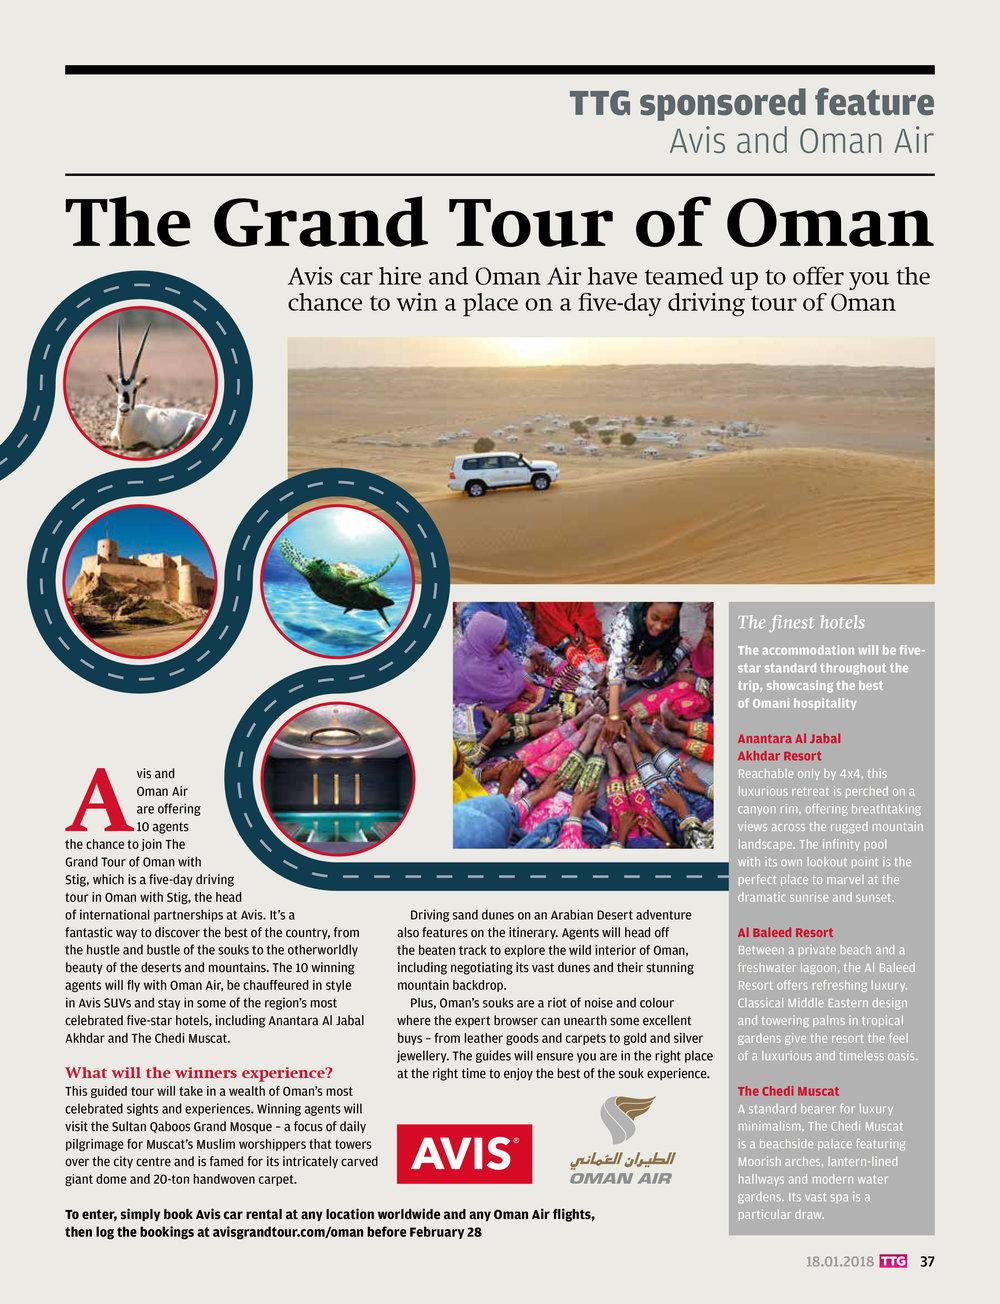 p37-Oman-Air-Avis-Advertorial-v1-3.jpg